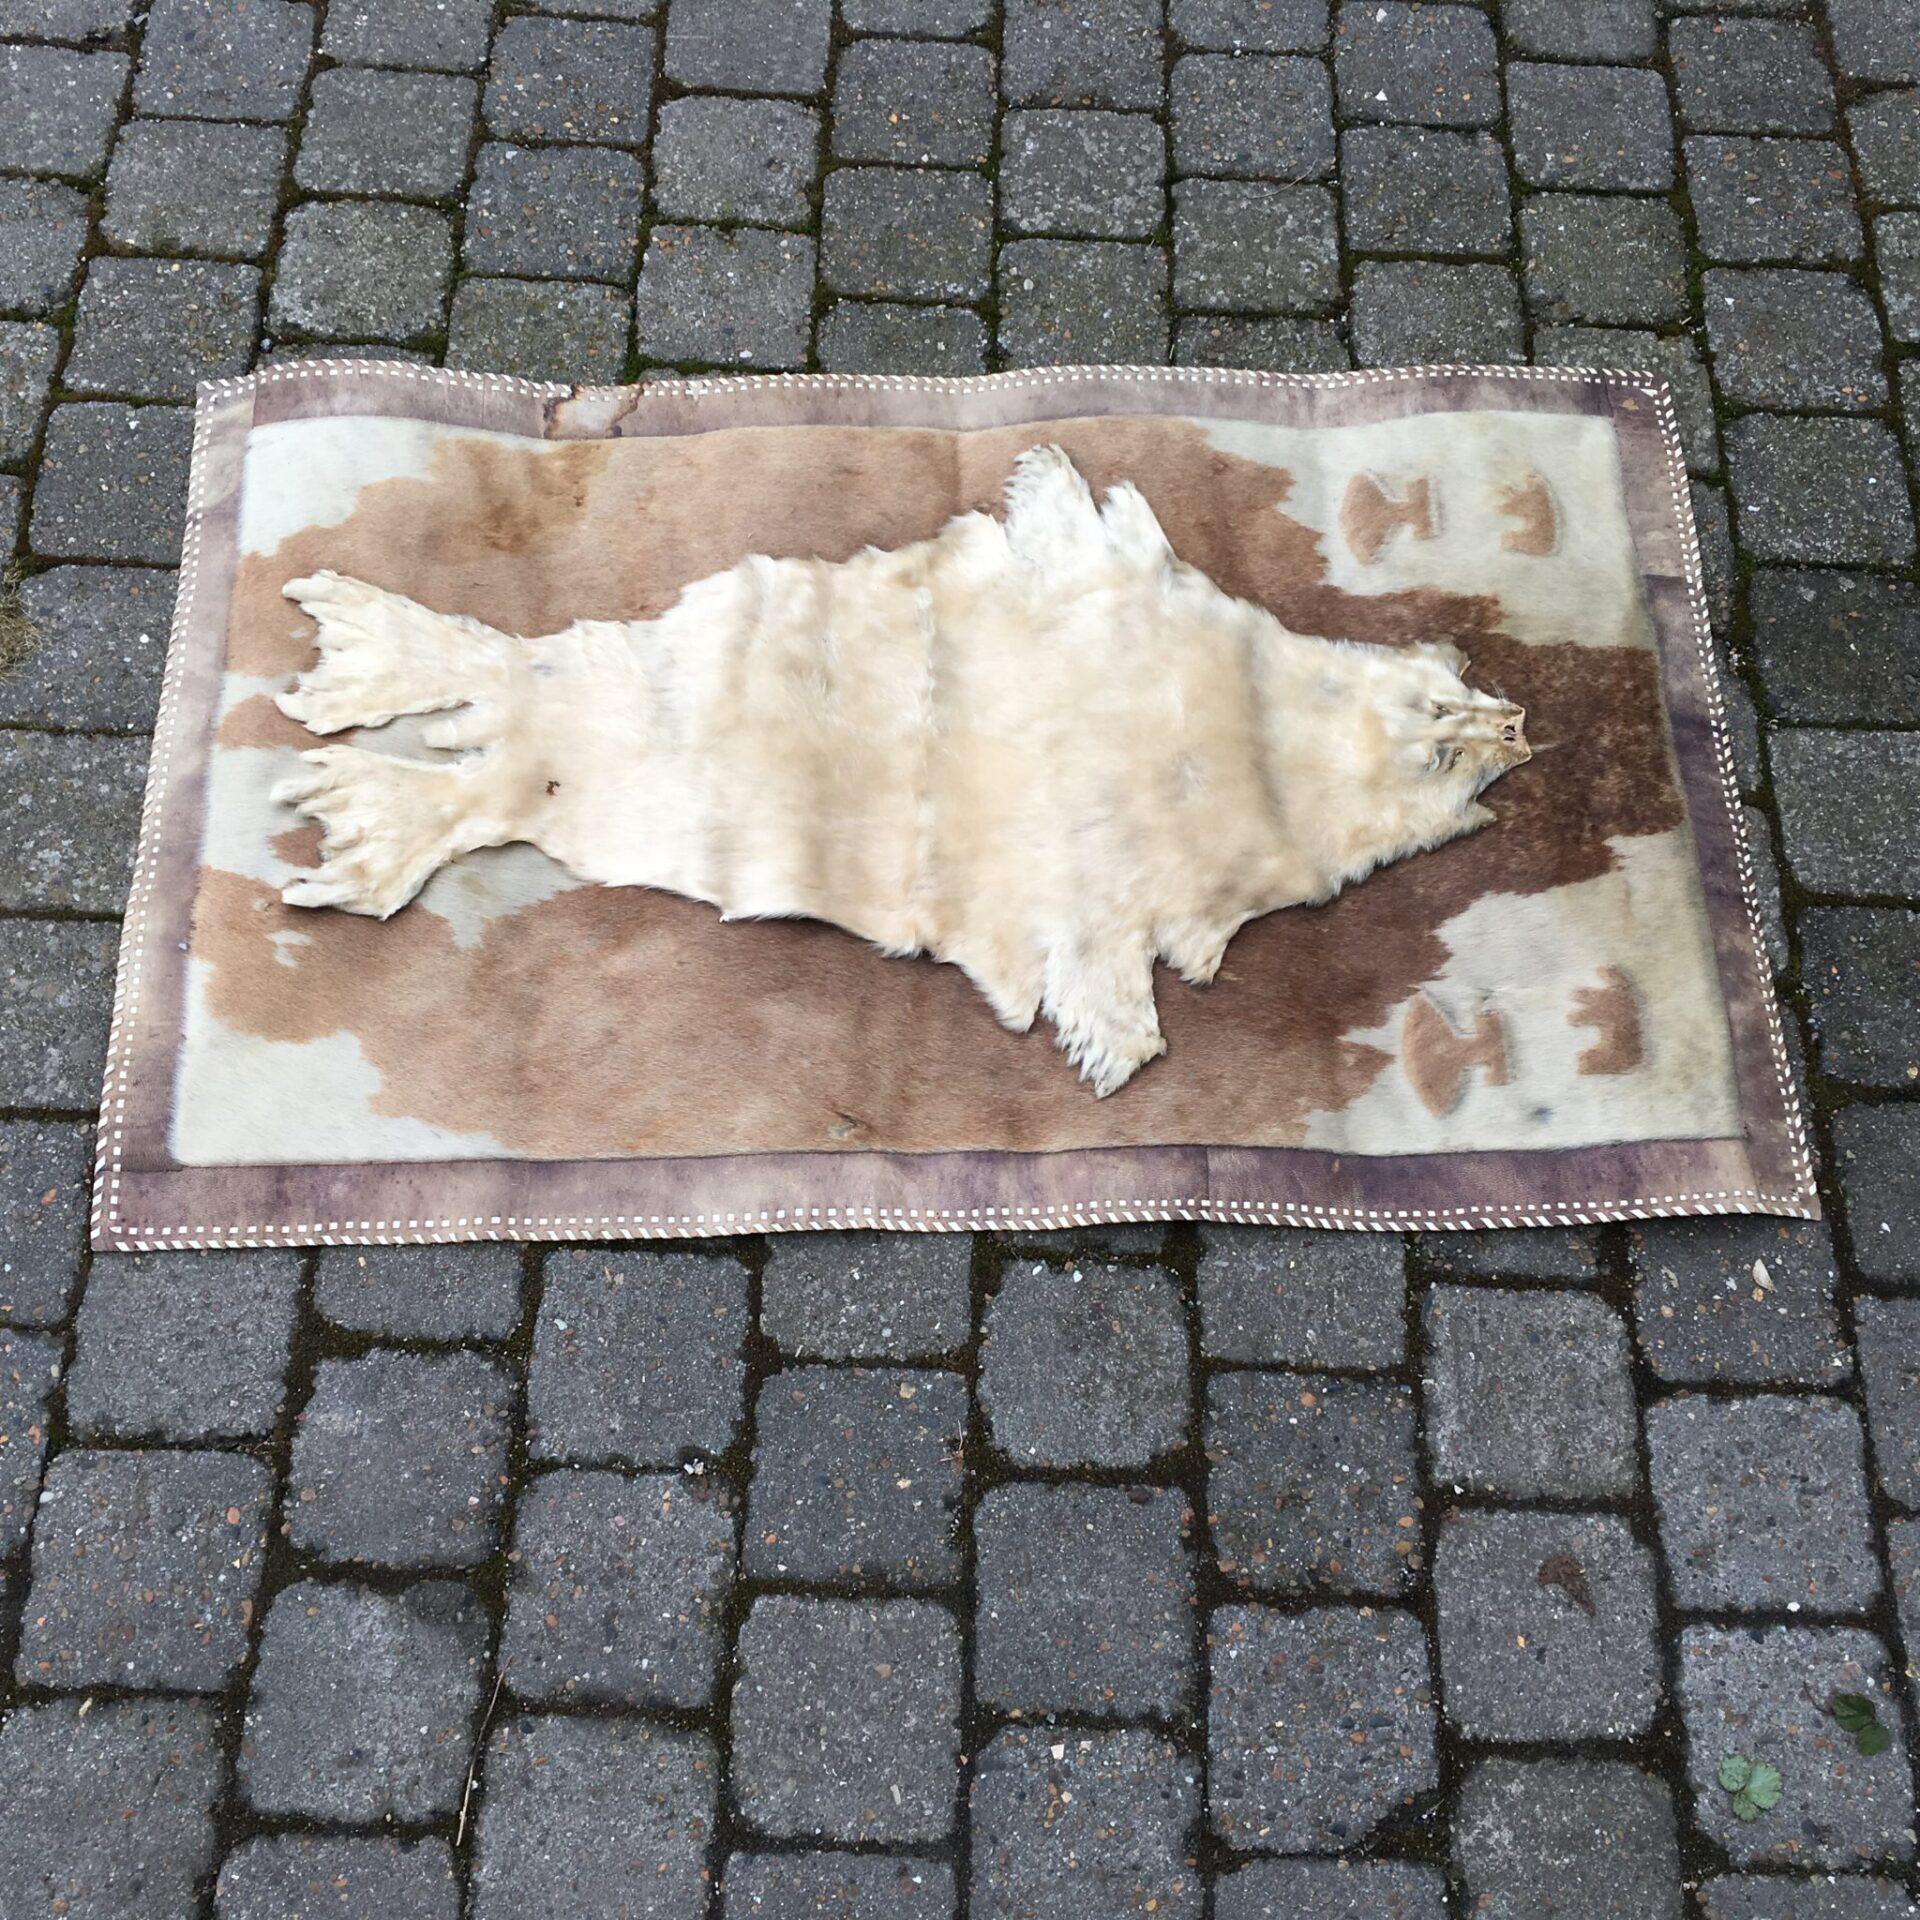 Gønlandsk vægtæppe af sælskind 66 x110 cm, pris 400 kr